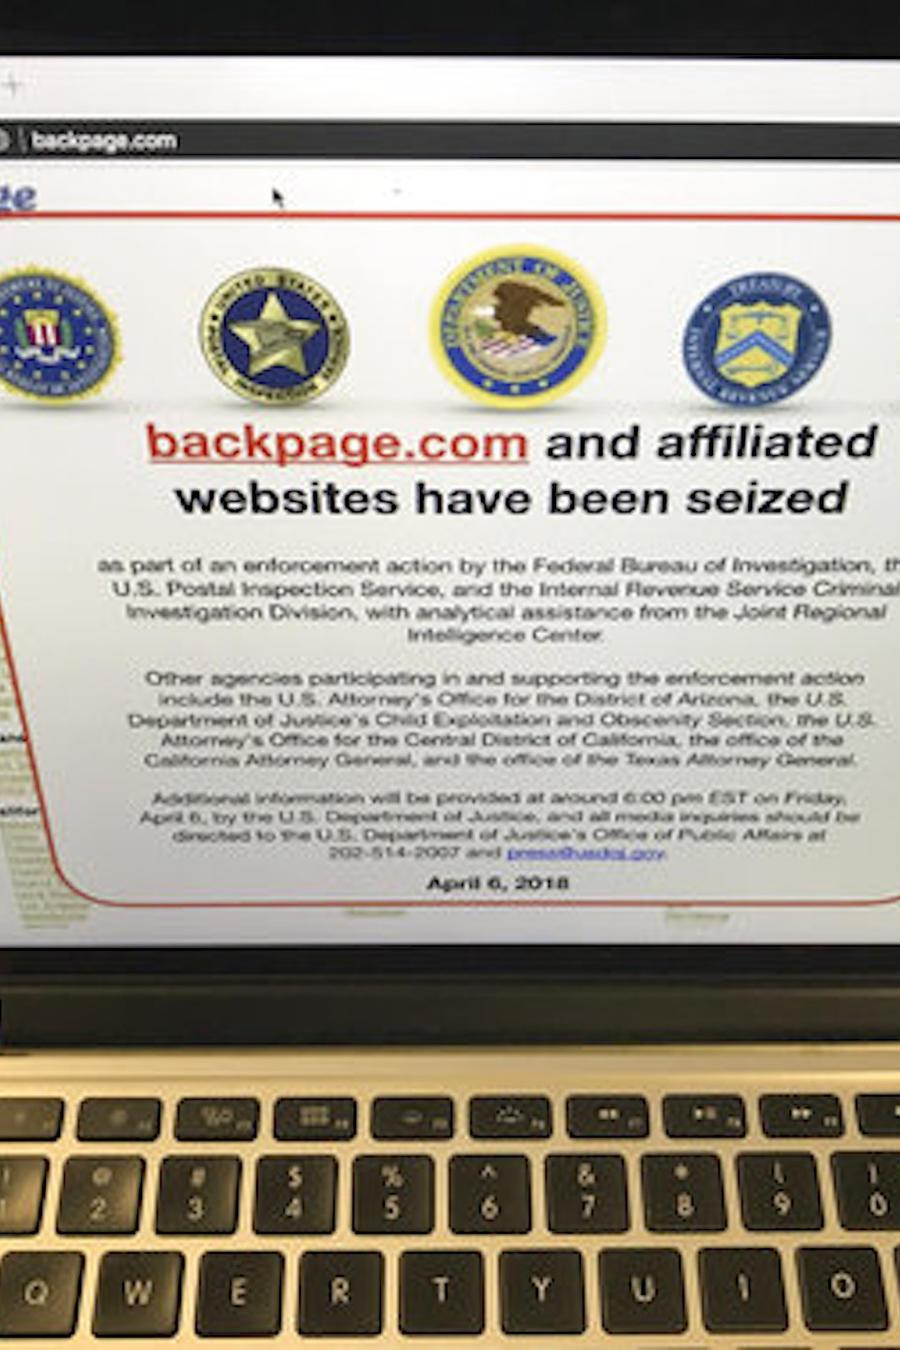 Imagen de archivo de una captura de pantalla del sitio web Backpage.